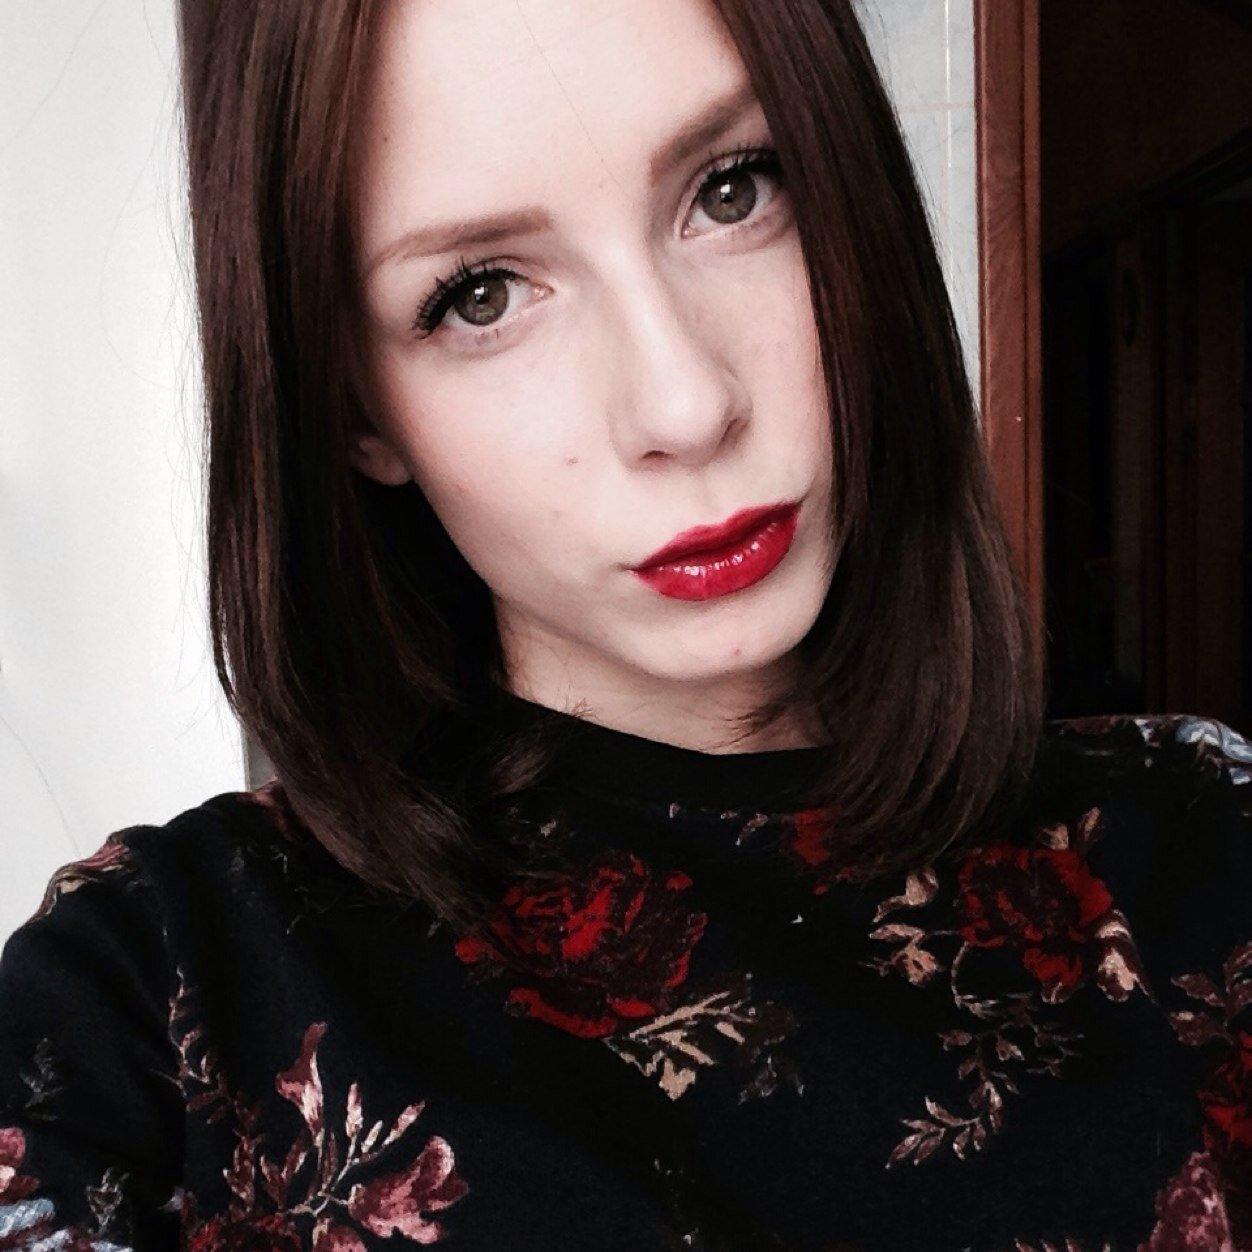 Maria kruk работа для девушек с ежедневными выплатами в спб